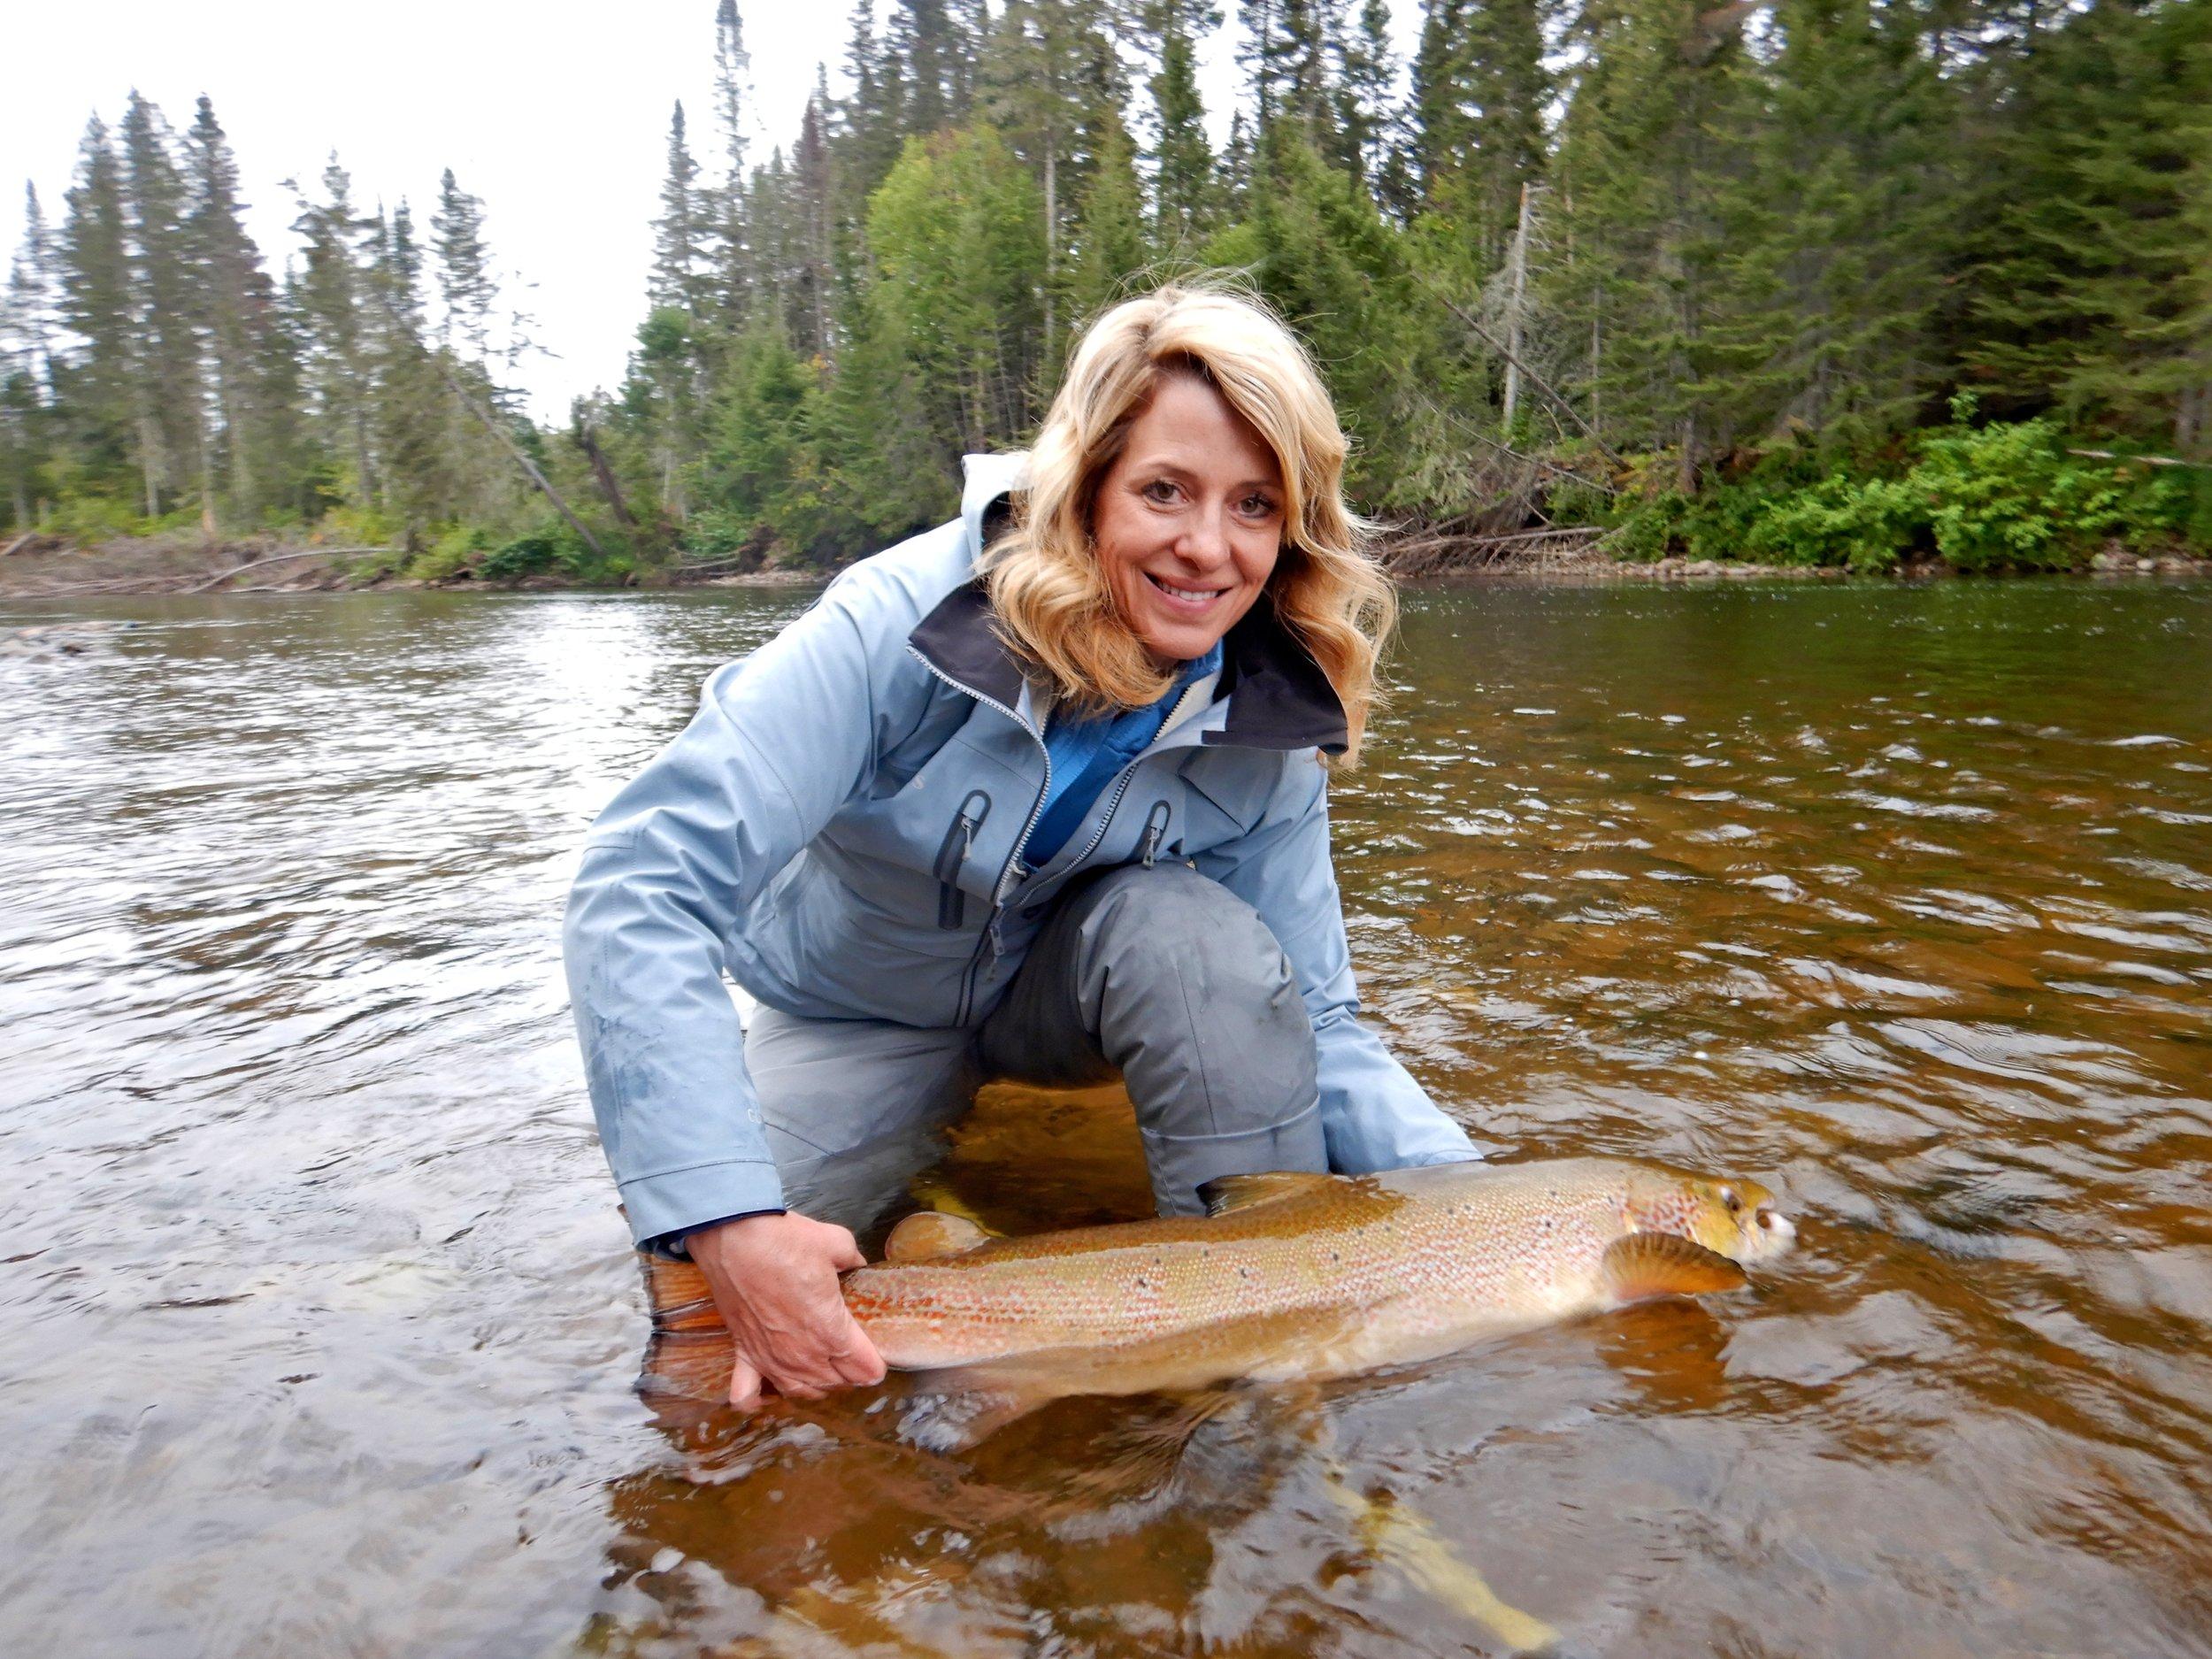 Malinda et Gregg Pike sont des habitués de Salmon Lodge depuis quelques années. Ils sont vraiment adorables et les rivières les ont choyés cette semaine! Malinda remet son saumon dans la Cascapédia et ci-dessous, Gregg Pike montre sa belle prise! Bon retour à la maison et à l'an prochain!